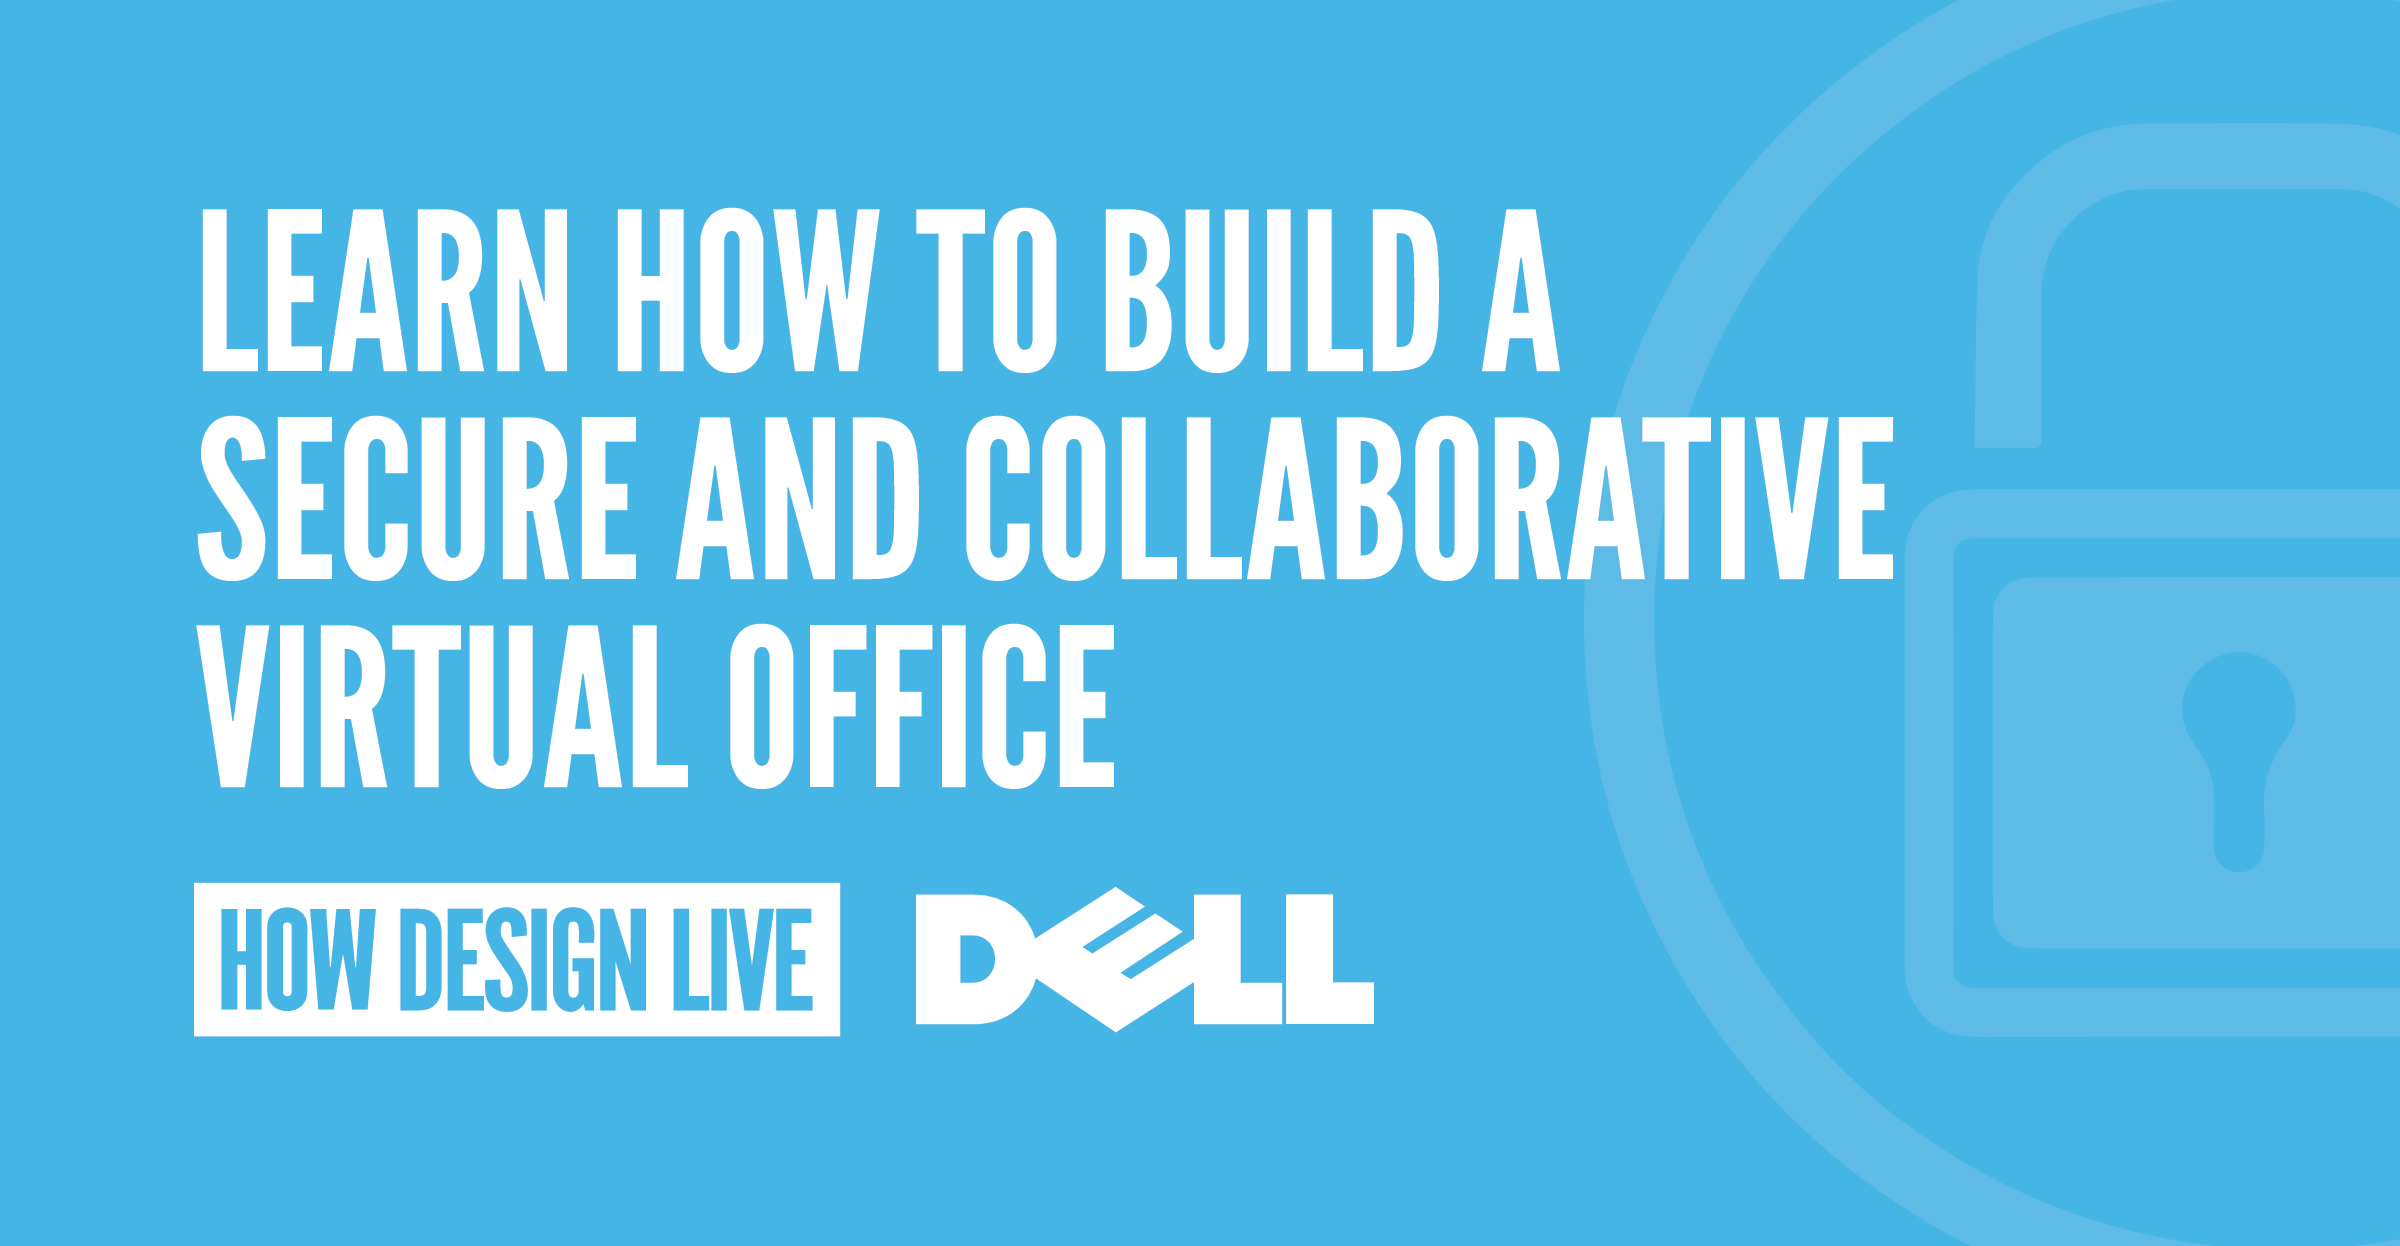 Dell + HOW Design Live White Paper